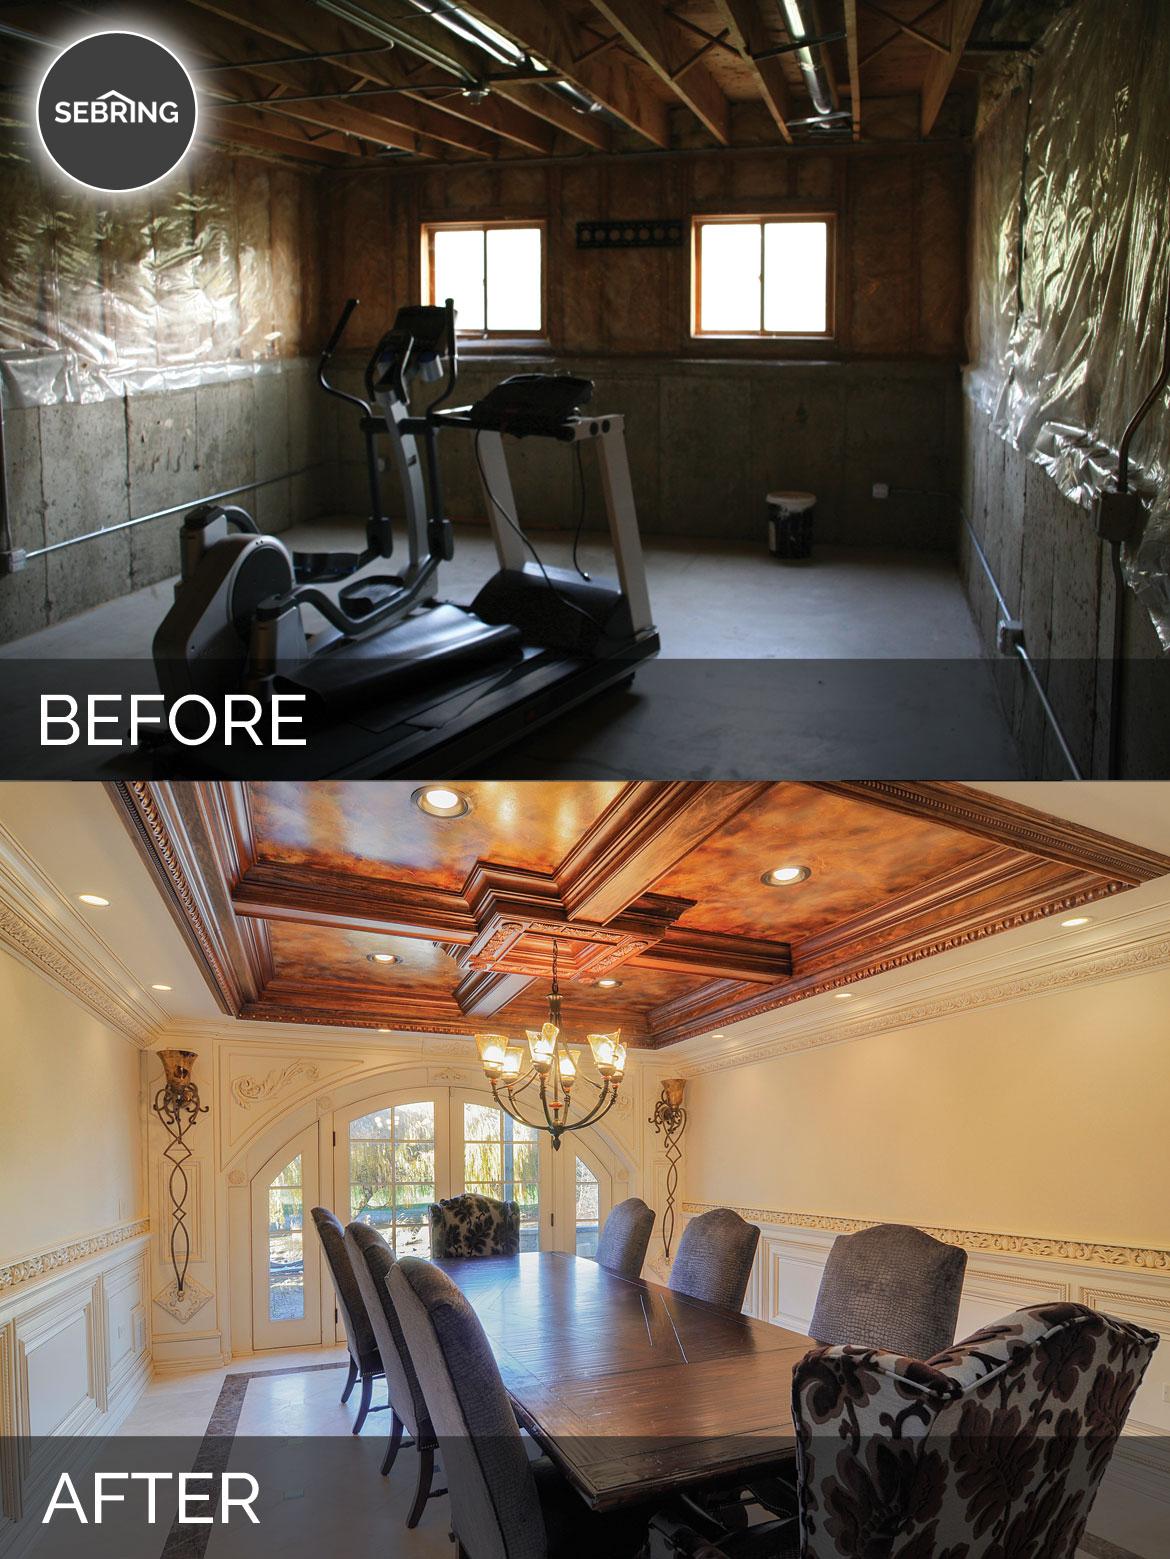 Before & After Basement Naperville - Sebring Design Build